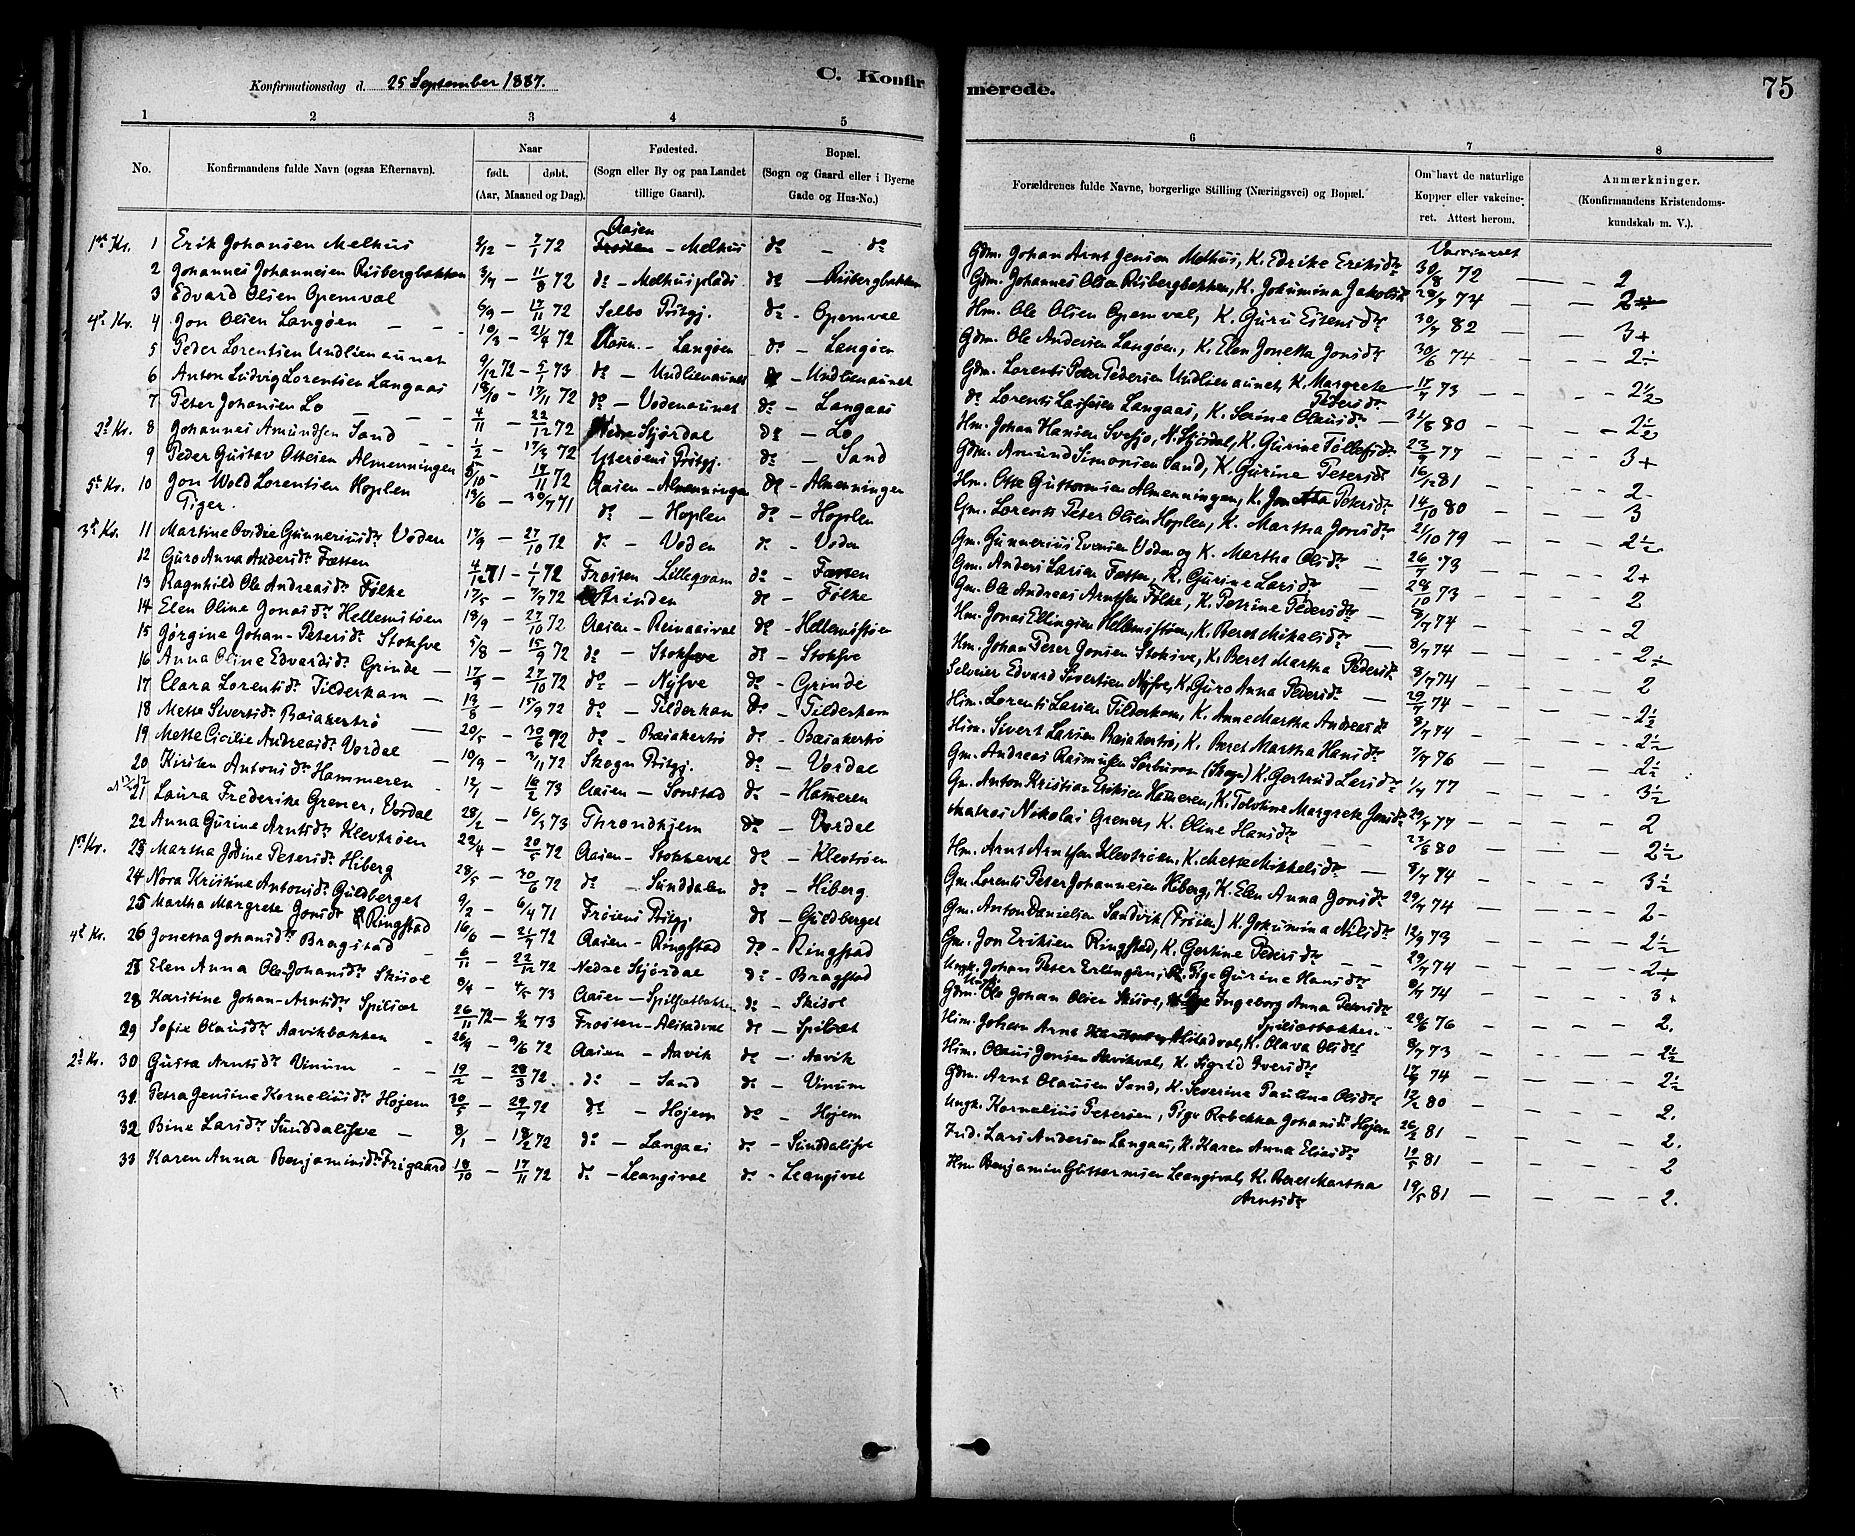 SAT, Ministerialprotokoller, klokkerbøker og fødselsregistre - Nord-Trøndelag, 714/L0130: Ministerialbok nr. 714A01, 1878-1895, s. 75